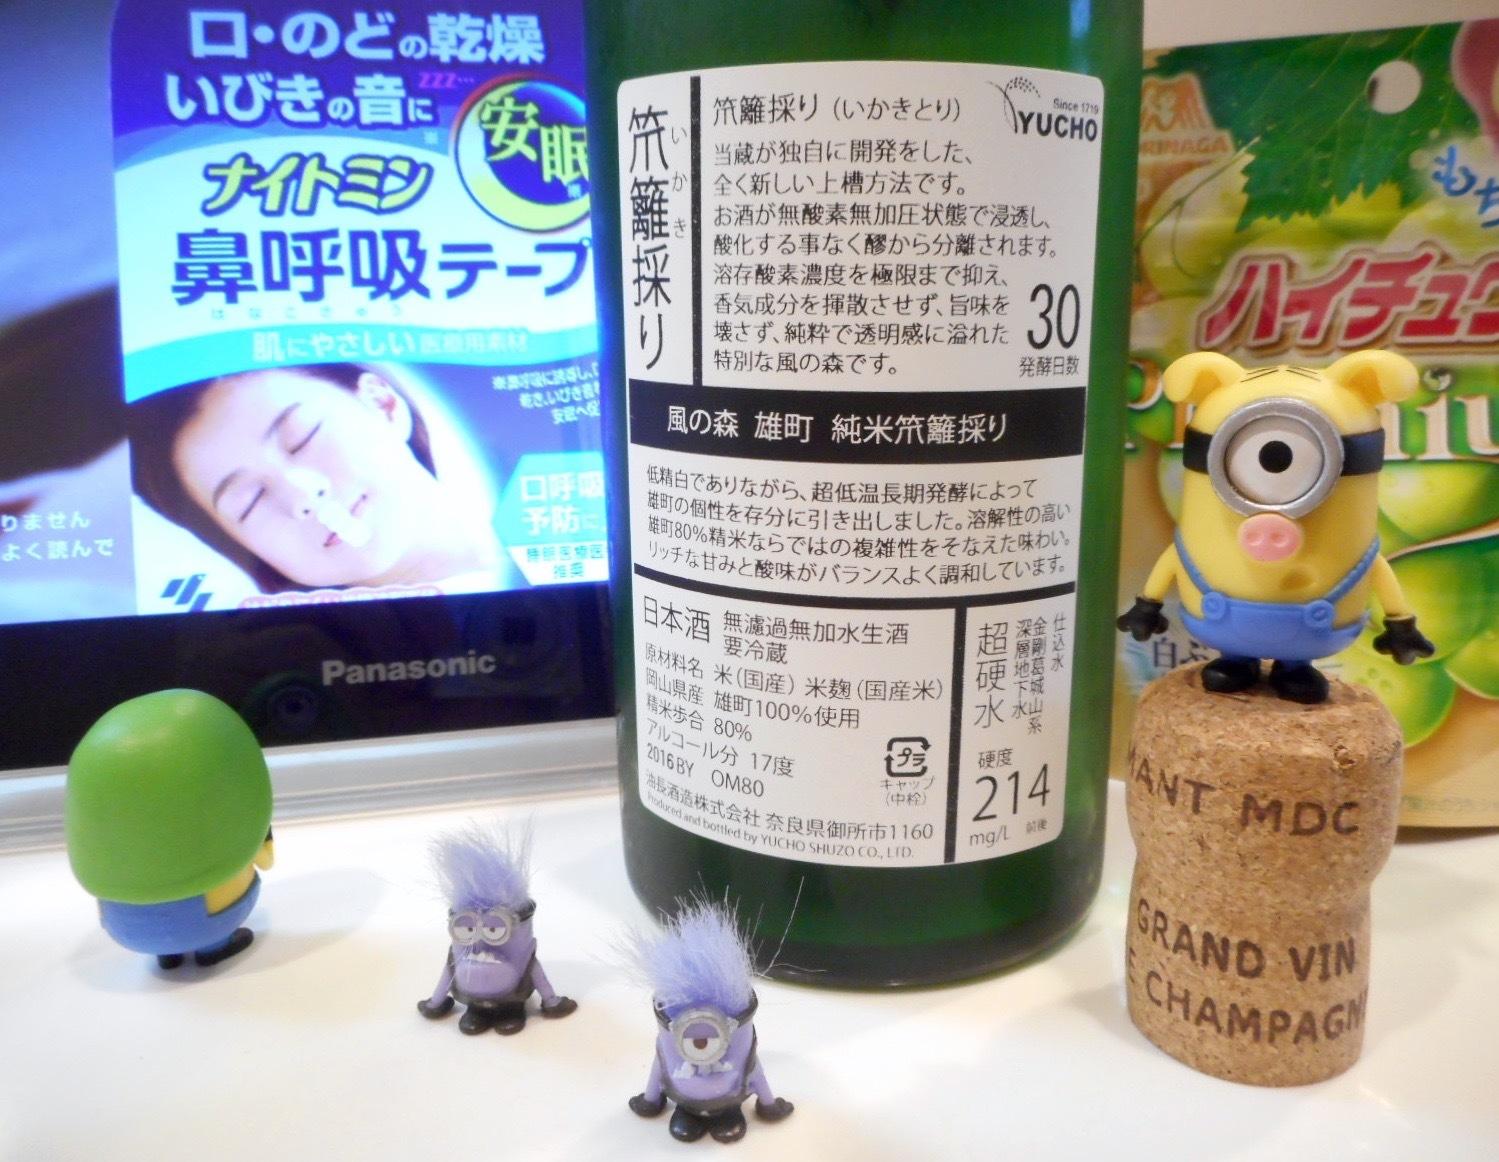 kazenomori_ikaki_omachi80_28by2.jpg